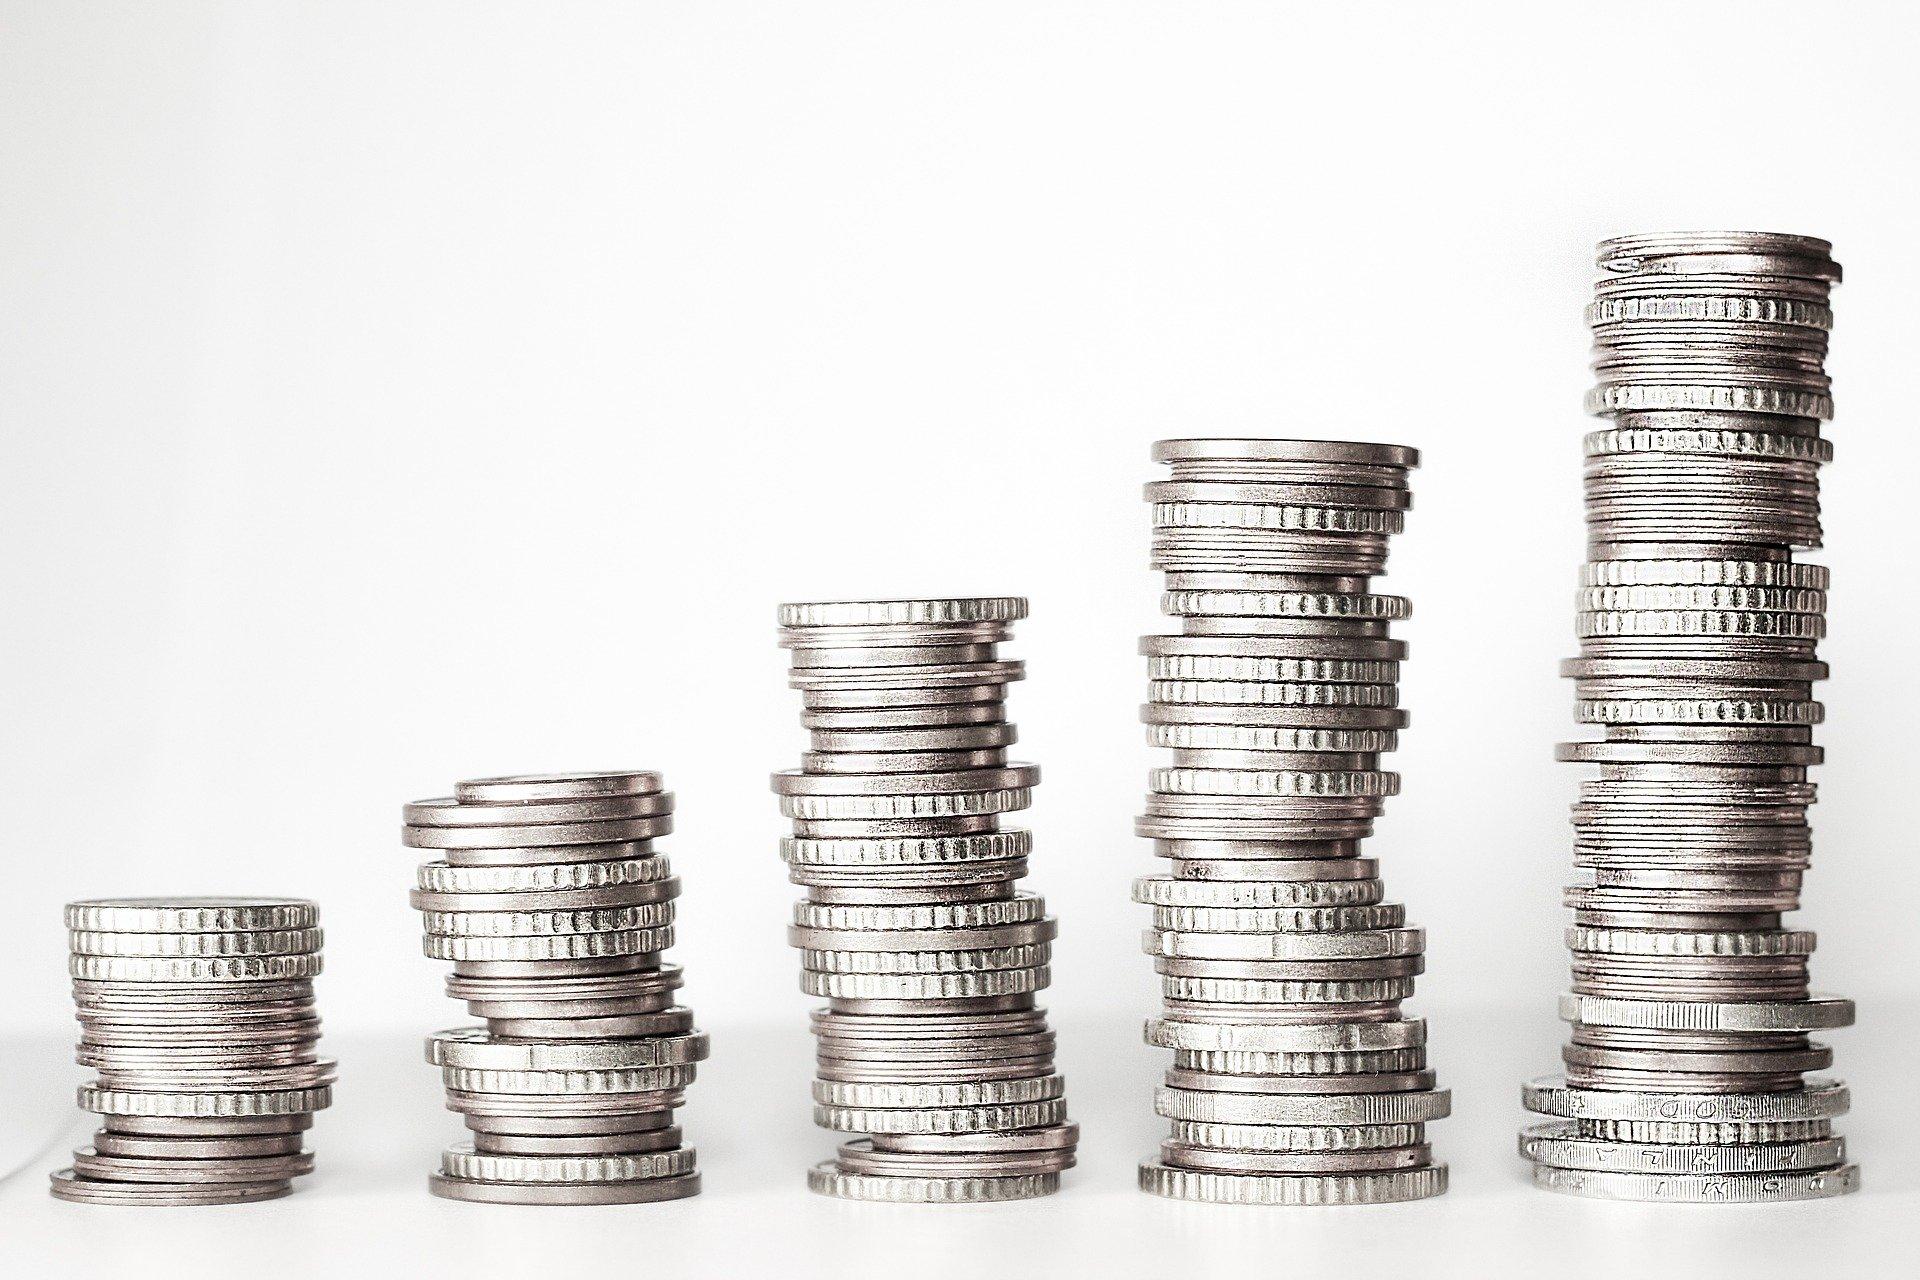 Renuncias-recaudatorias-y-su-consideracion-para-la-reforma-fiscal-2022-1.jpg